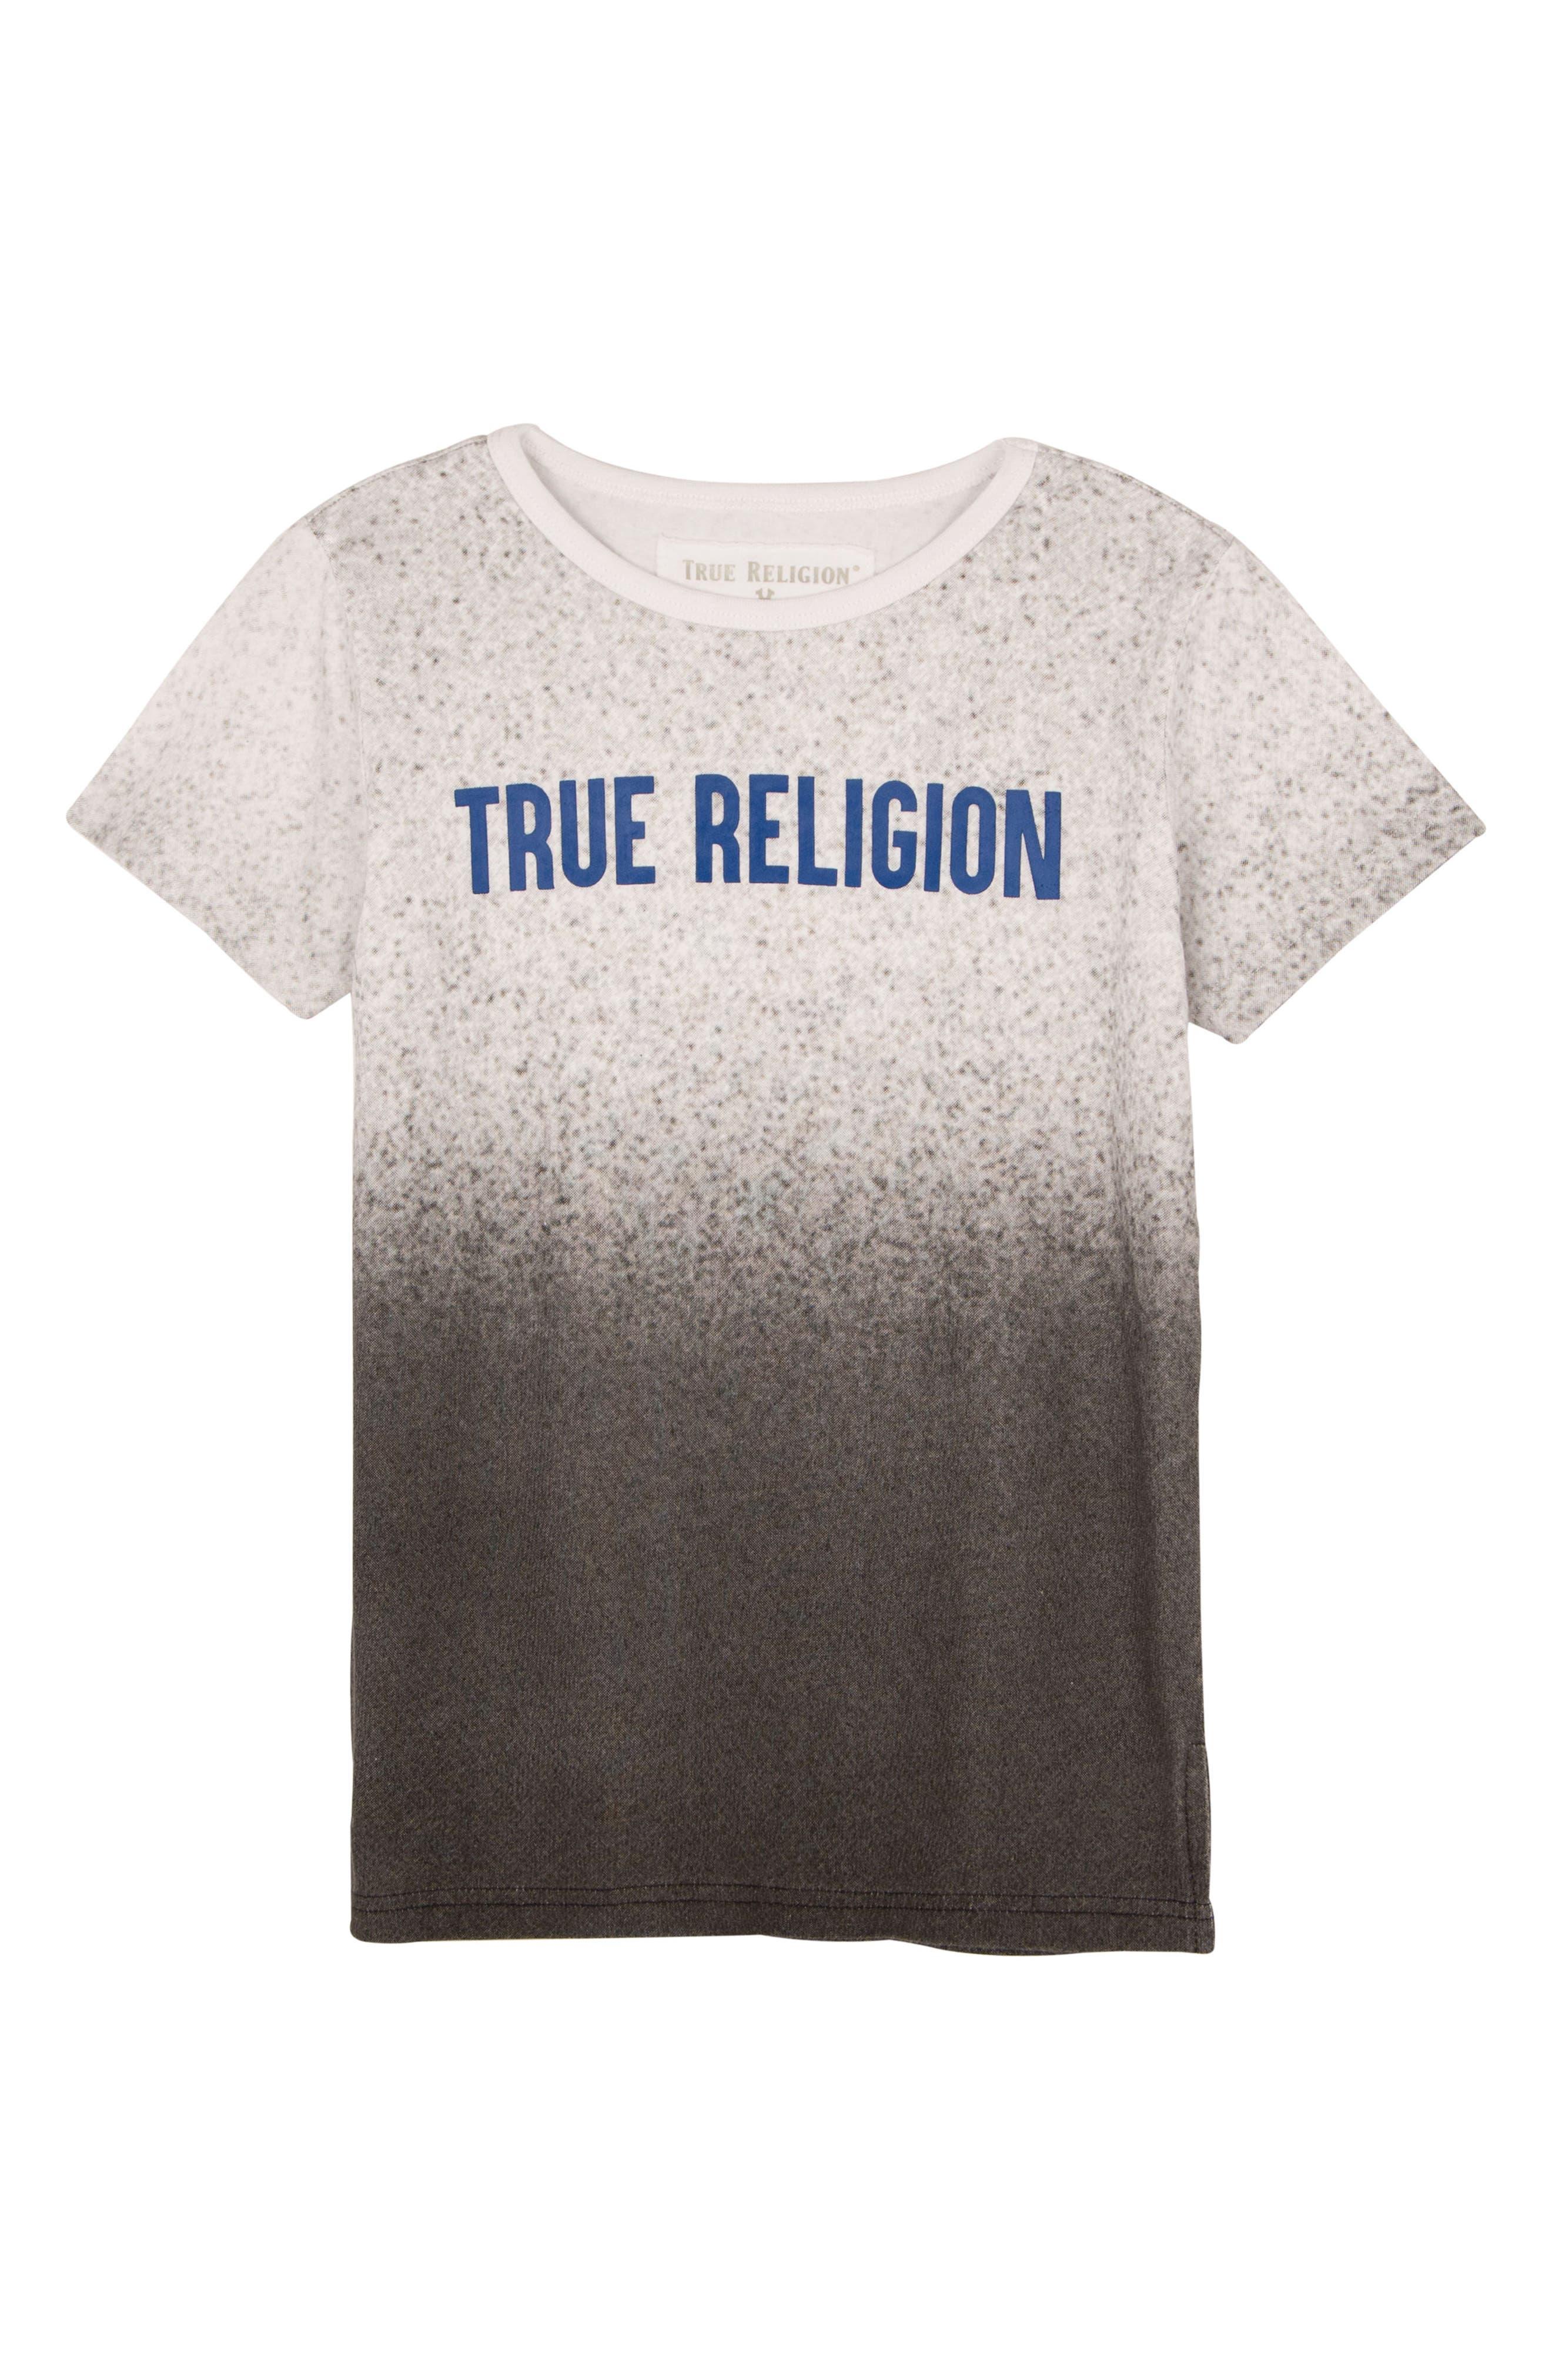 Speckle Gradient T-Shirt,                         Main,                         color, WHITE